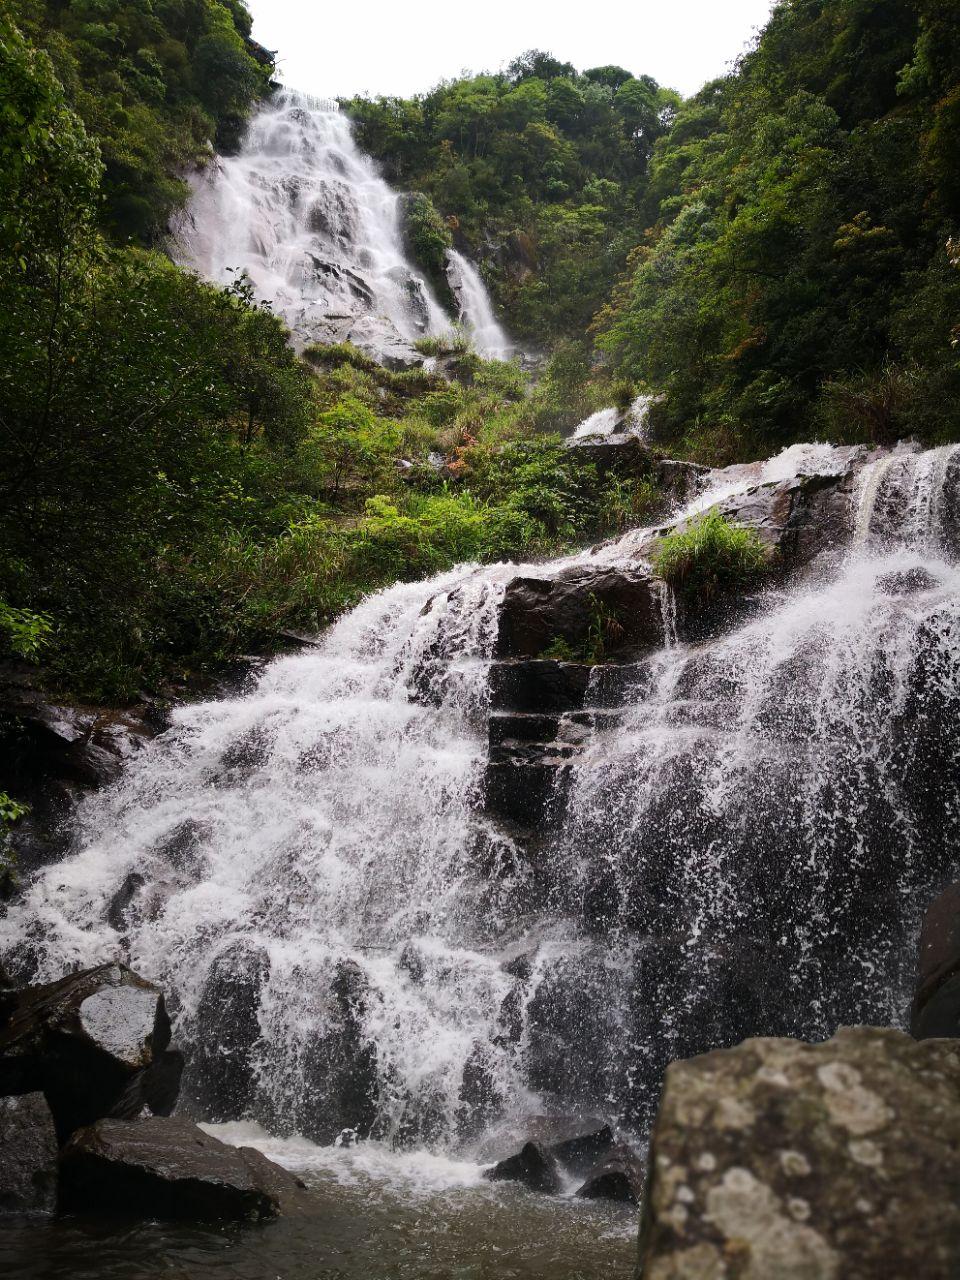 大容山森林公园旅游景点攻略图吉林市一日游v略图攻略图片